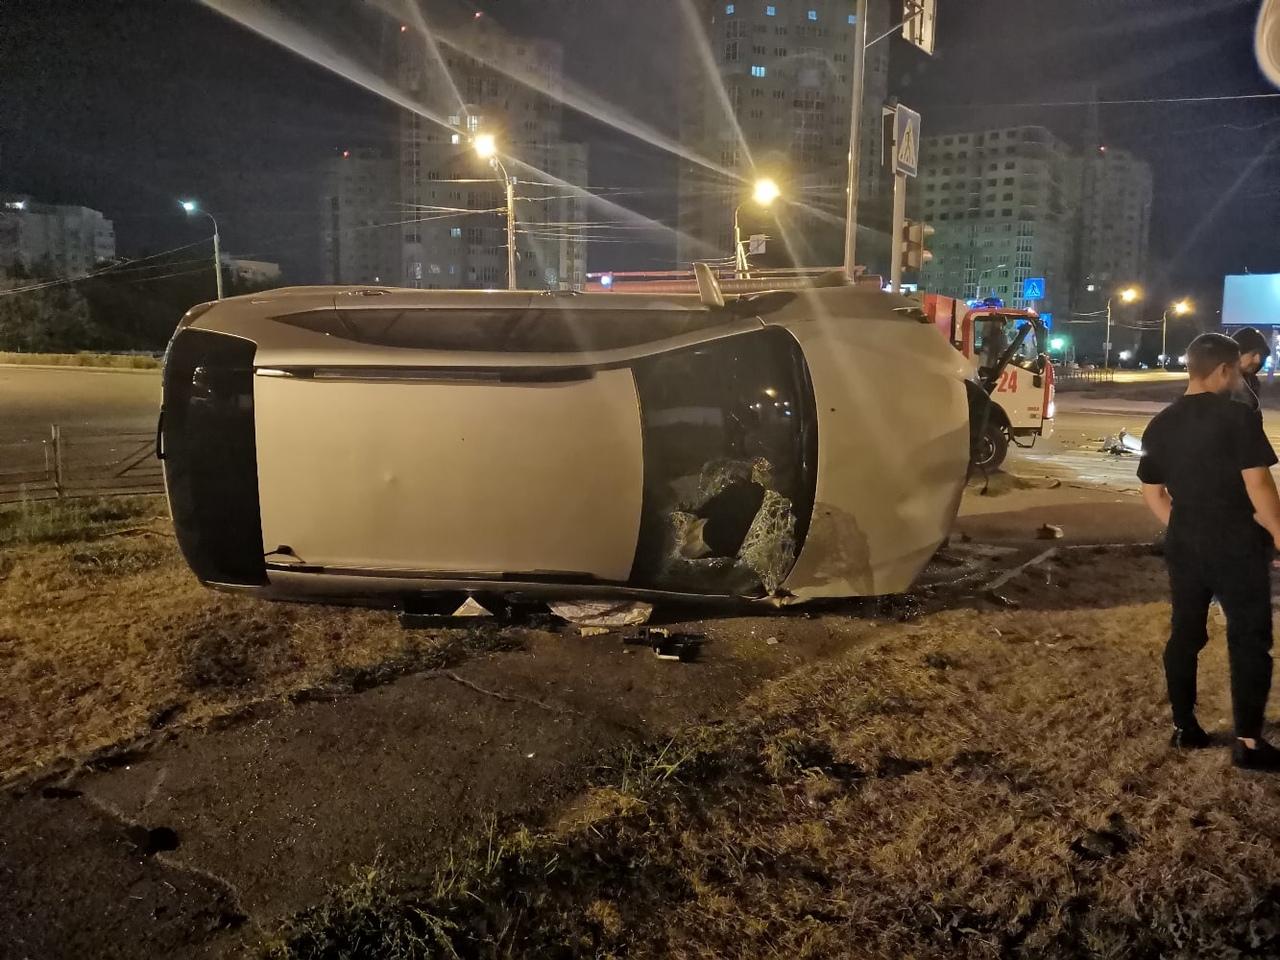 В столкновении такси и Lexus в Омске погибли 3 человека #Омск #Общество #Сегодня